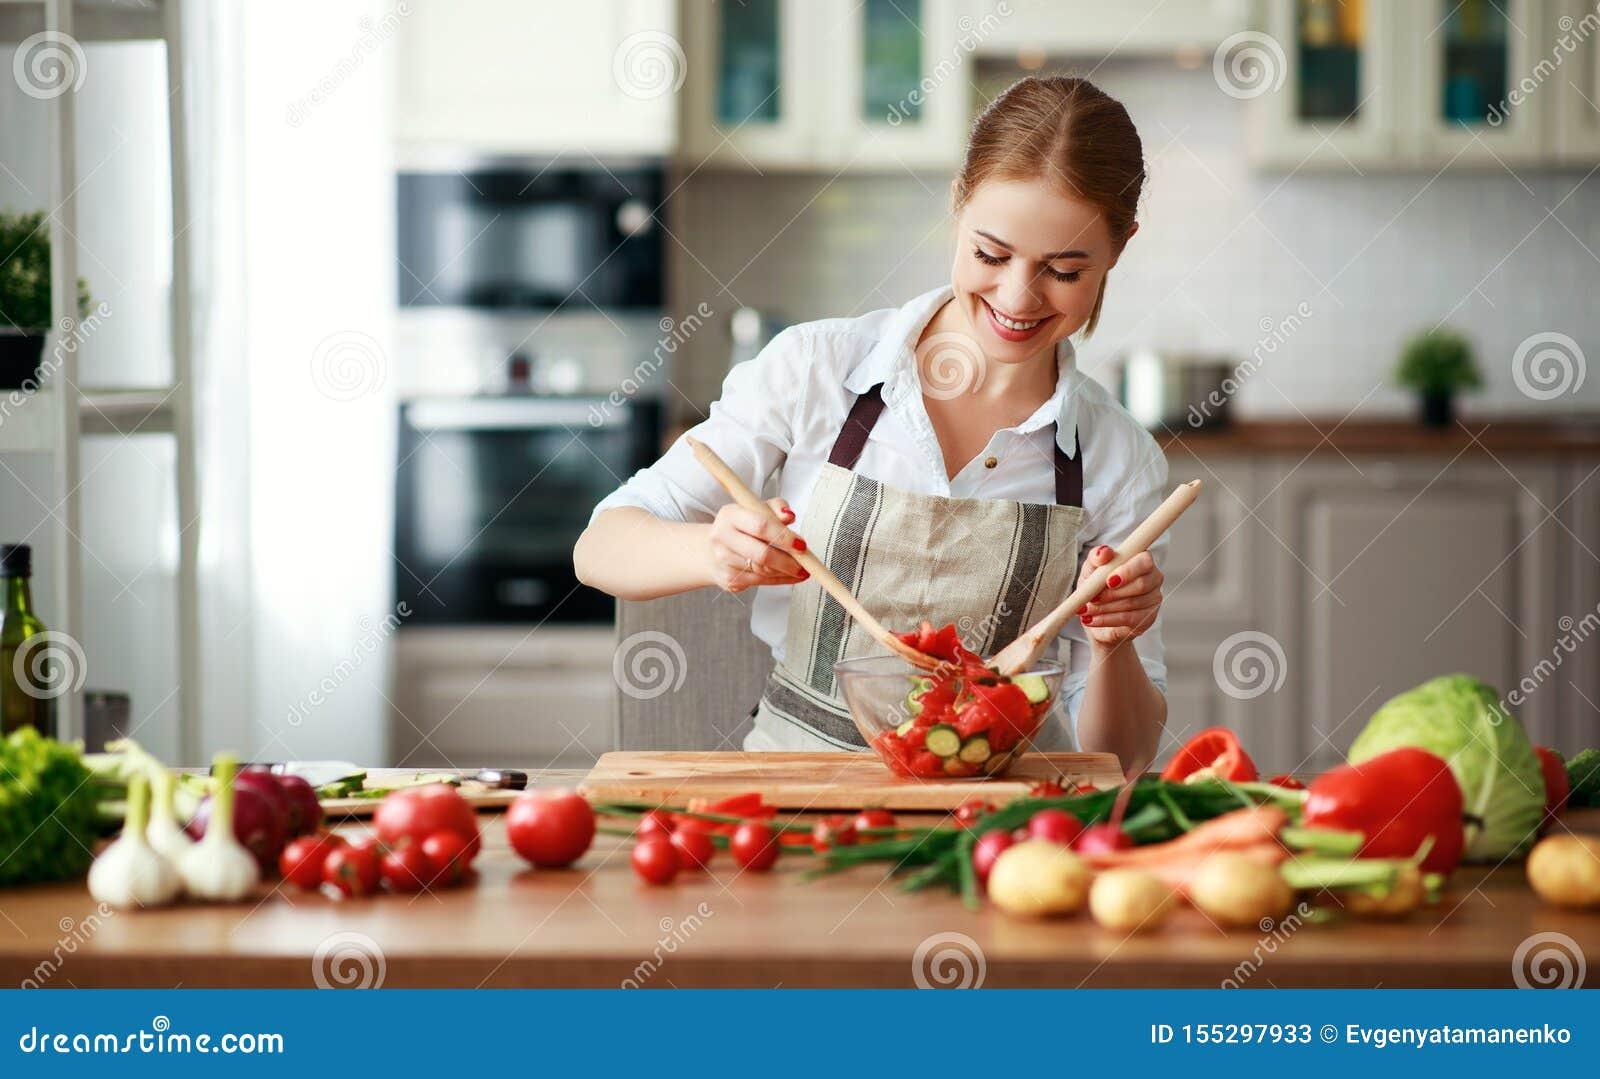 准备菜沙拉的愉快的妇女在厨房里